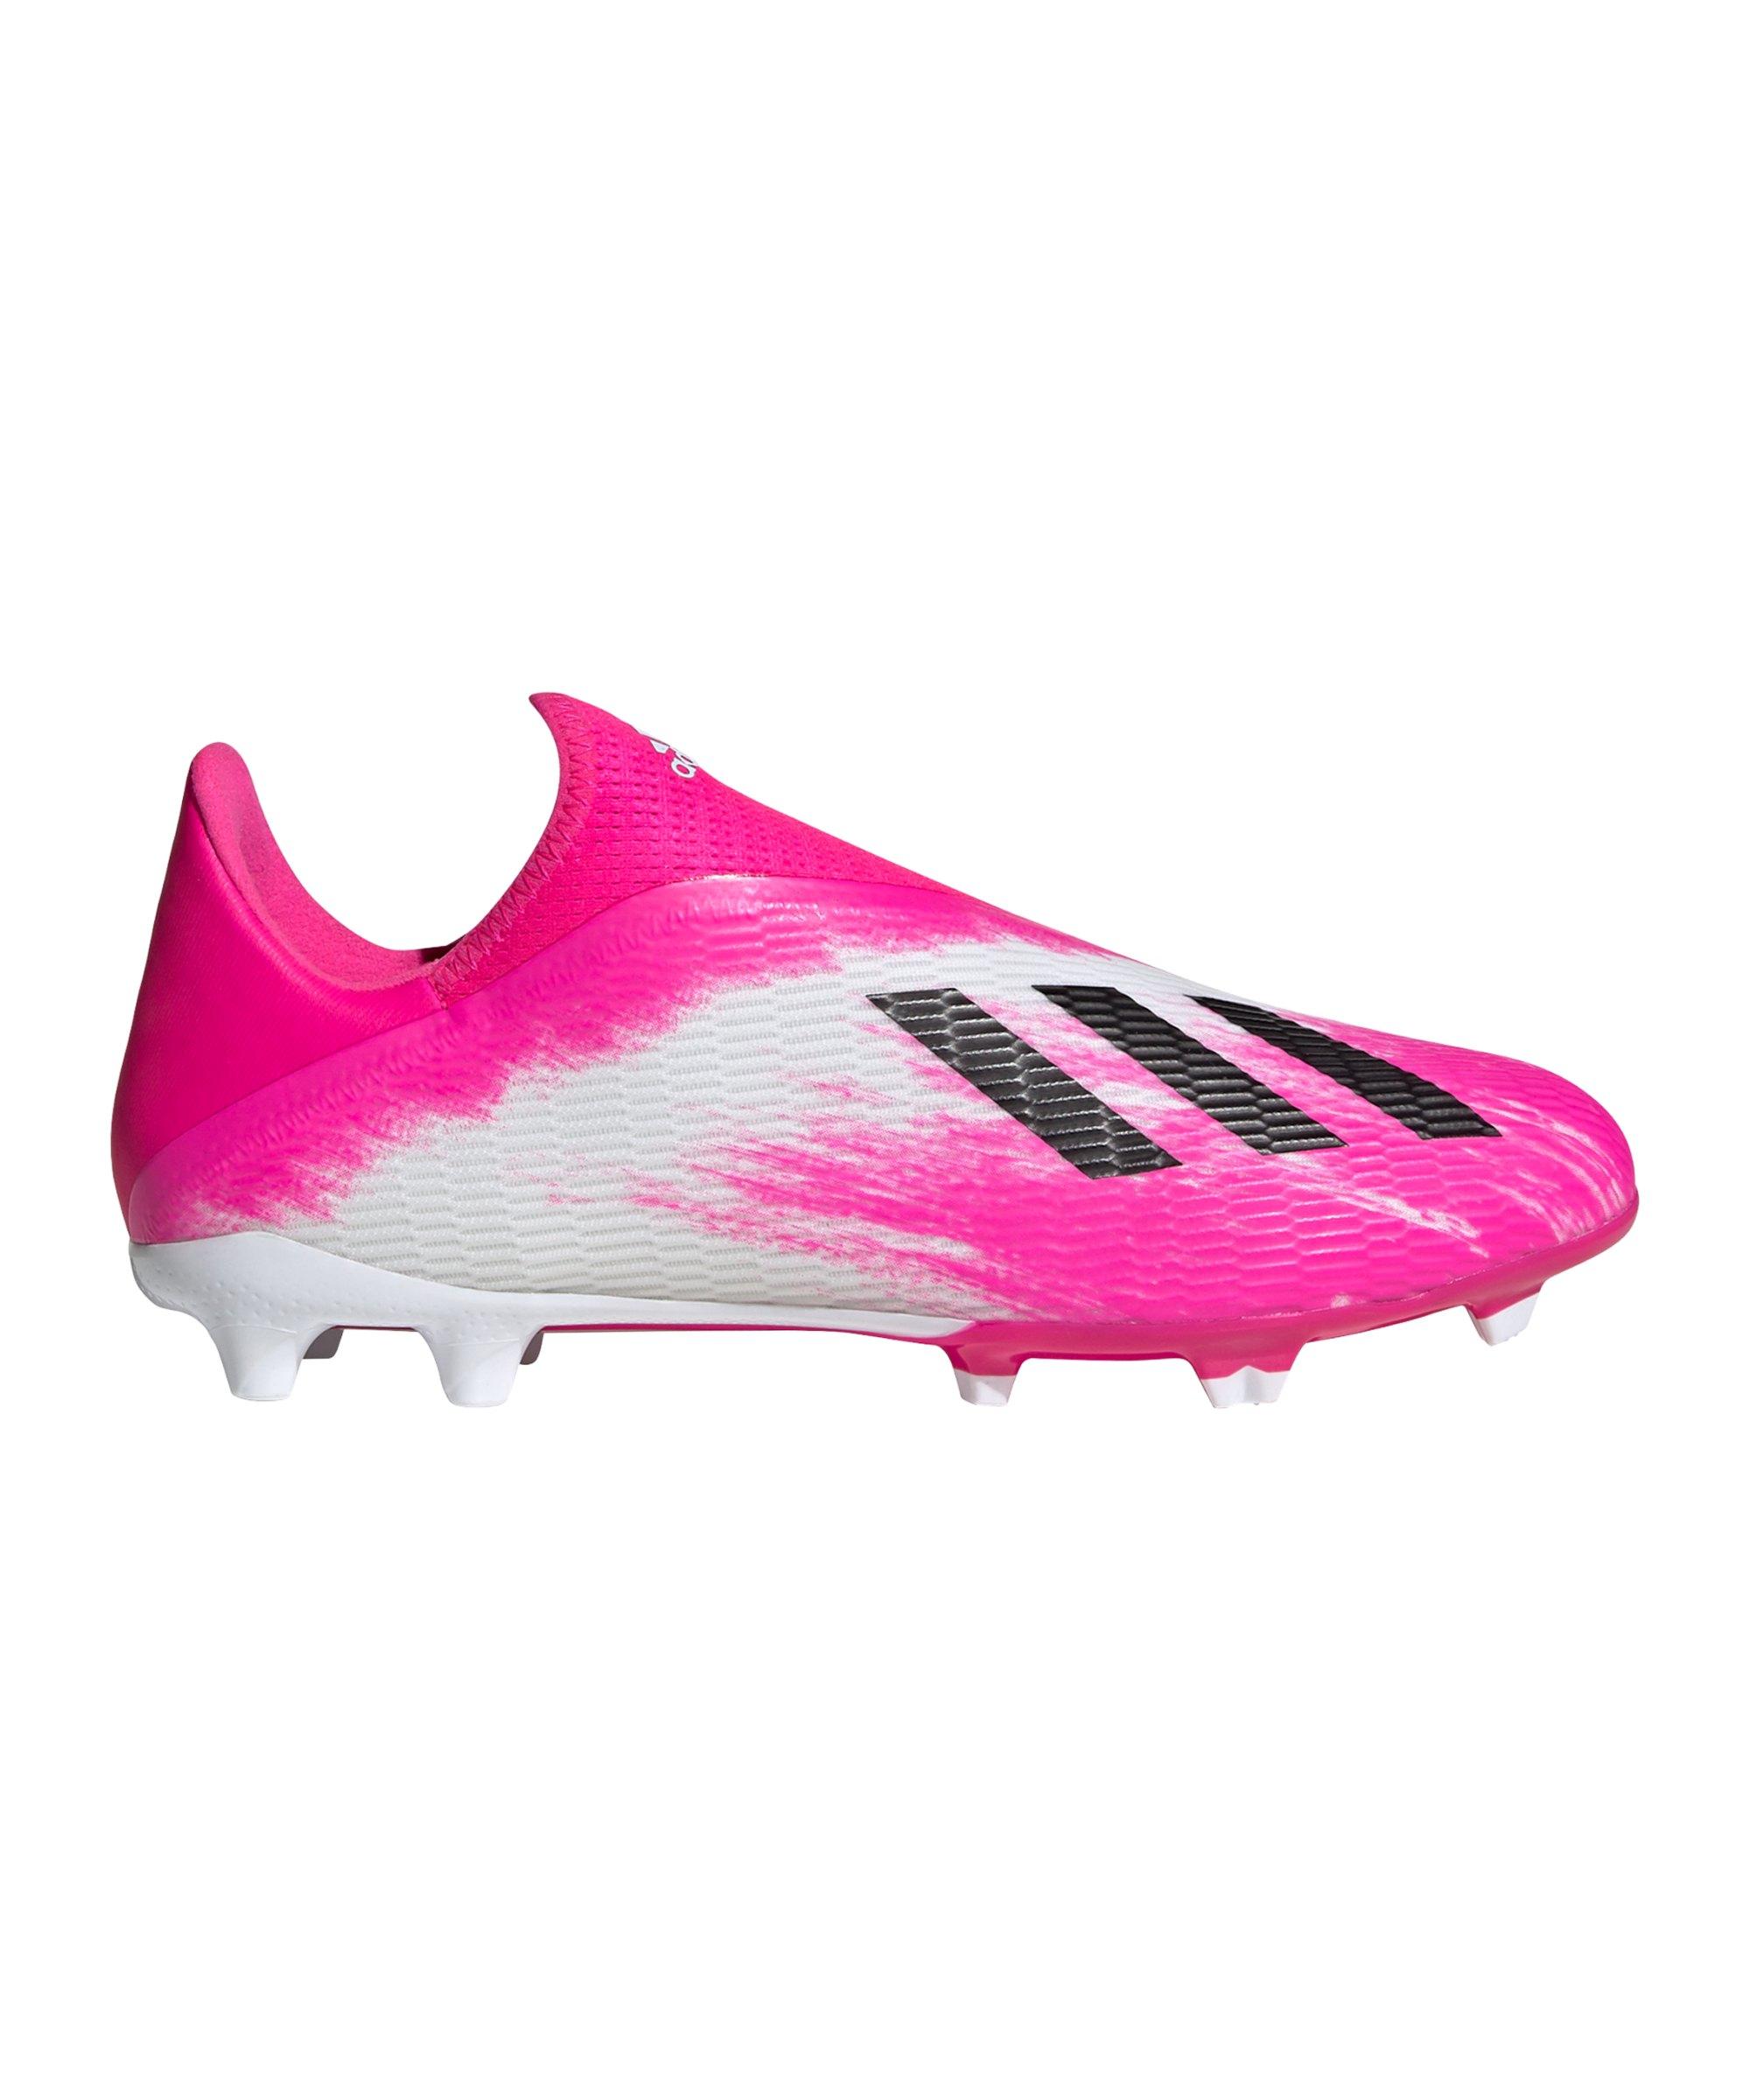 adidas X Uniforia 19.3 LL FG Weiss Pink - weiss